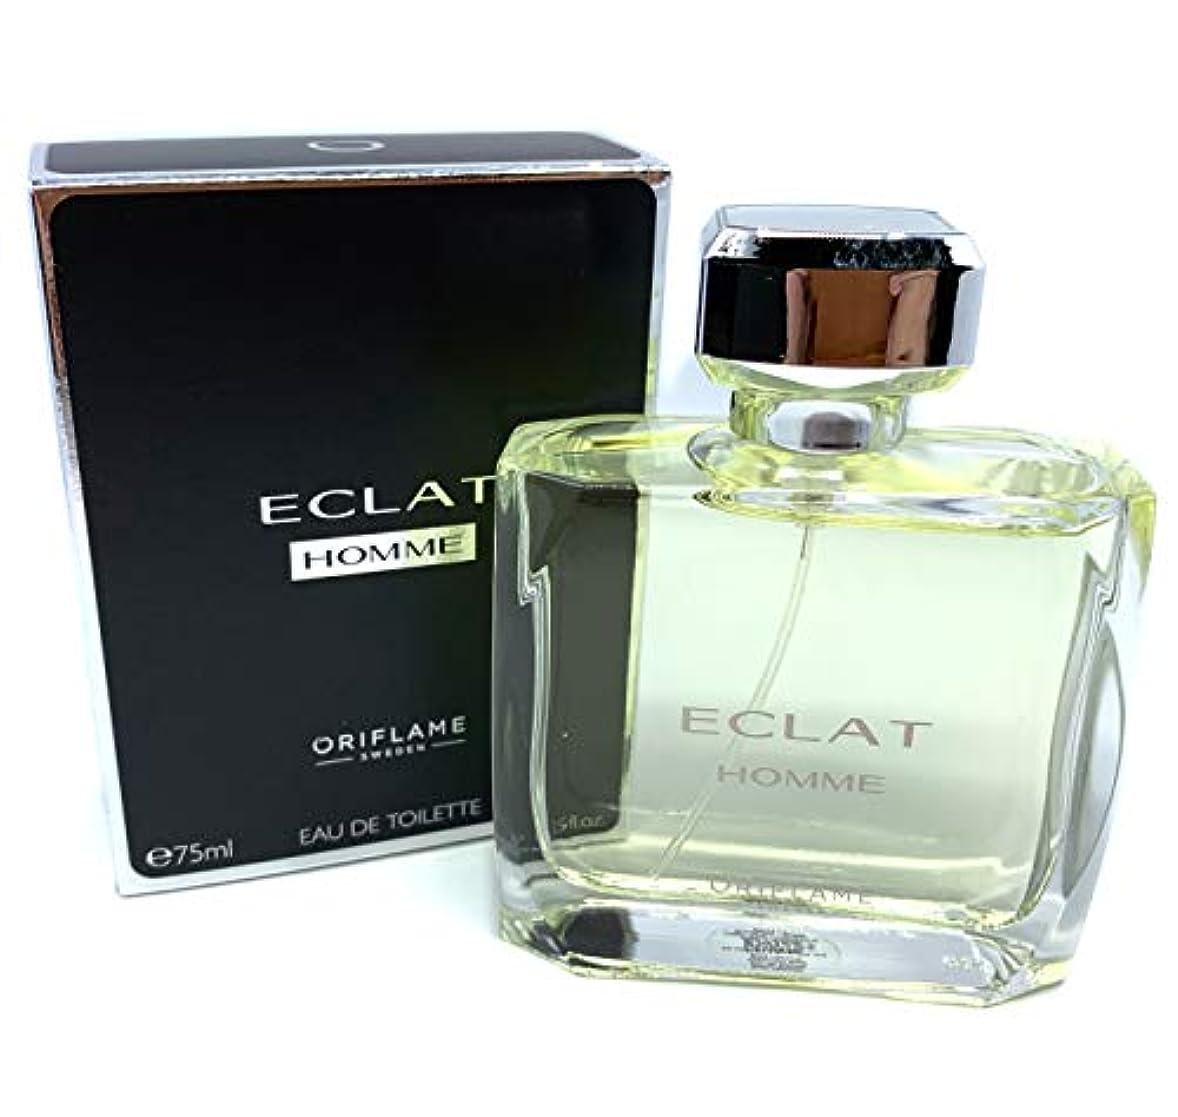 天才くるくる晩餐ORIFLAME Eclat Homme Eau De Toilette Natural Spray For Him 75ml - 2.5oz